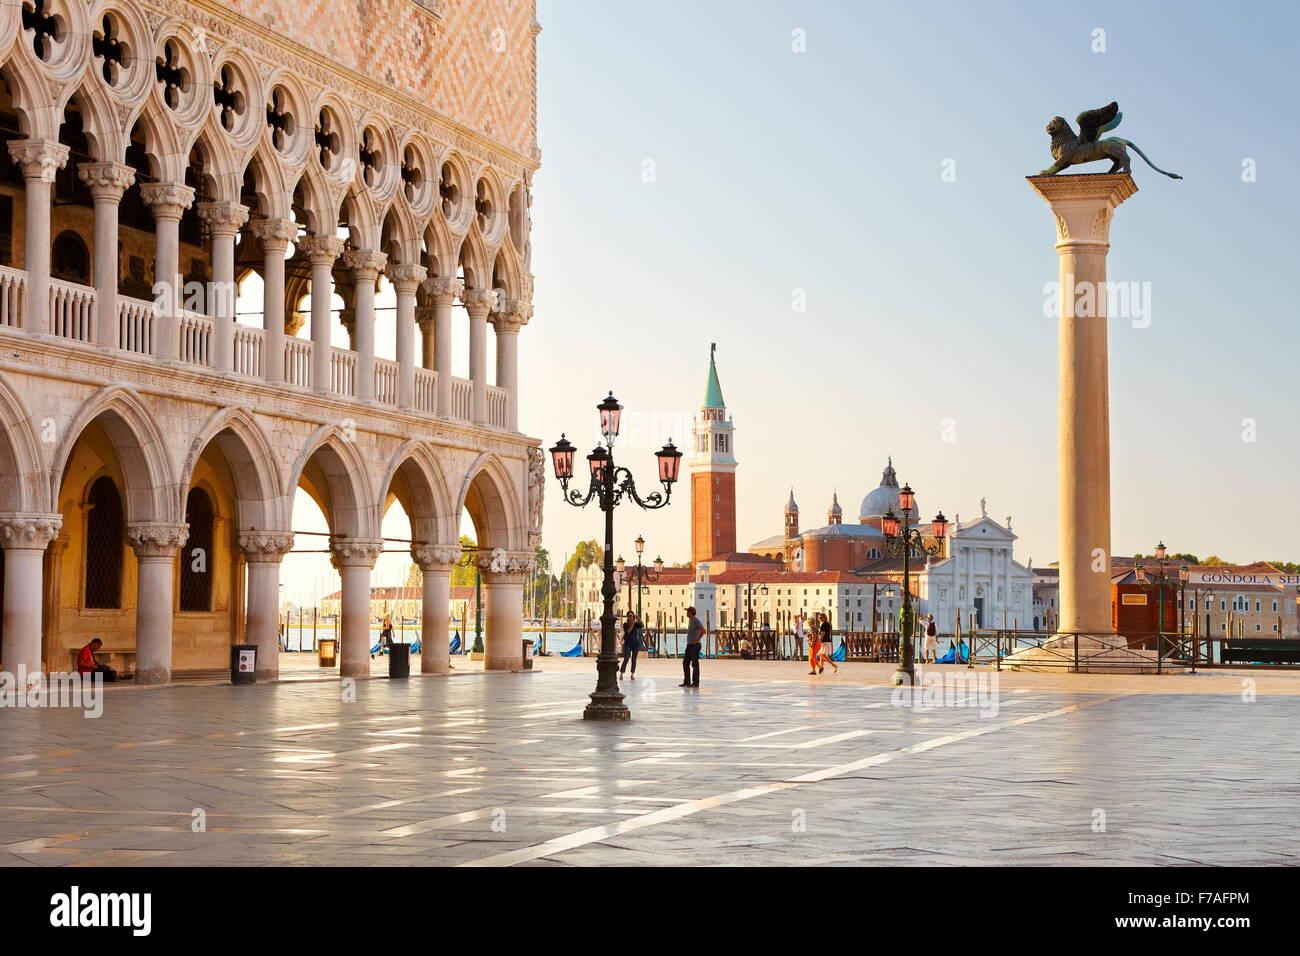 La Plaza de San Marcos y la iglesia de San Giorgio Maggiore, Venecia, Sitio del Patrimonio Mundial de la UNESCO, Imagen De Stock